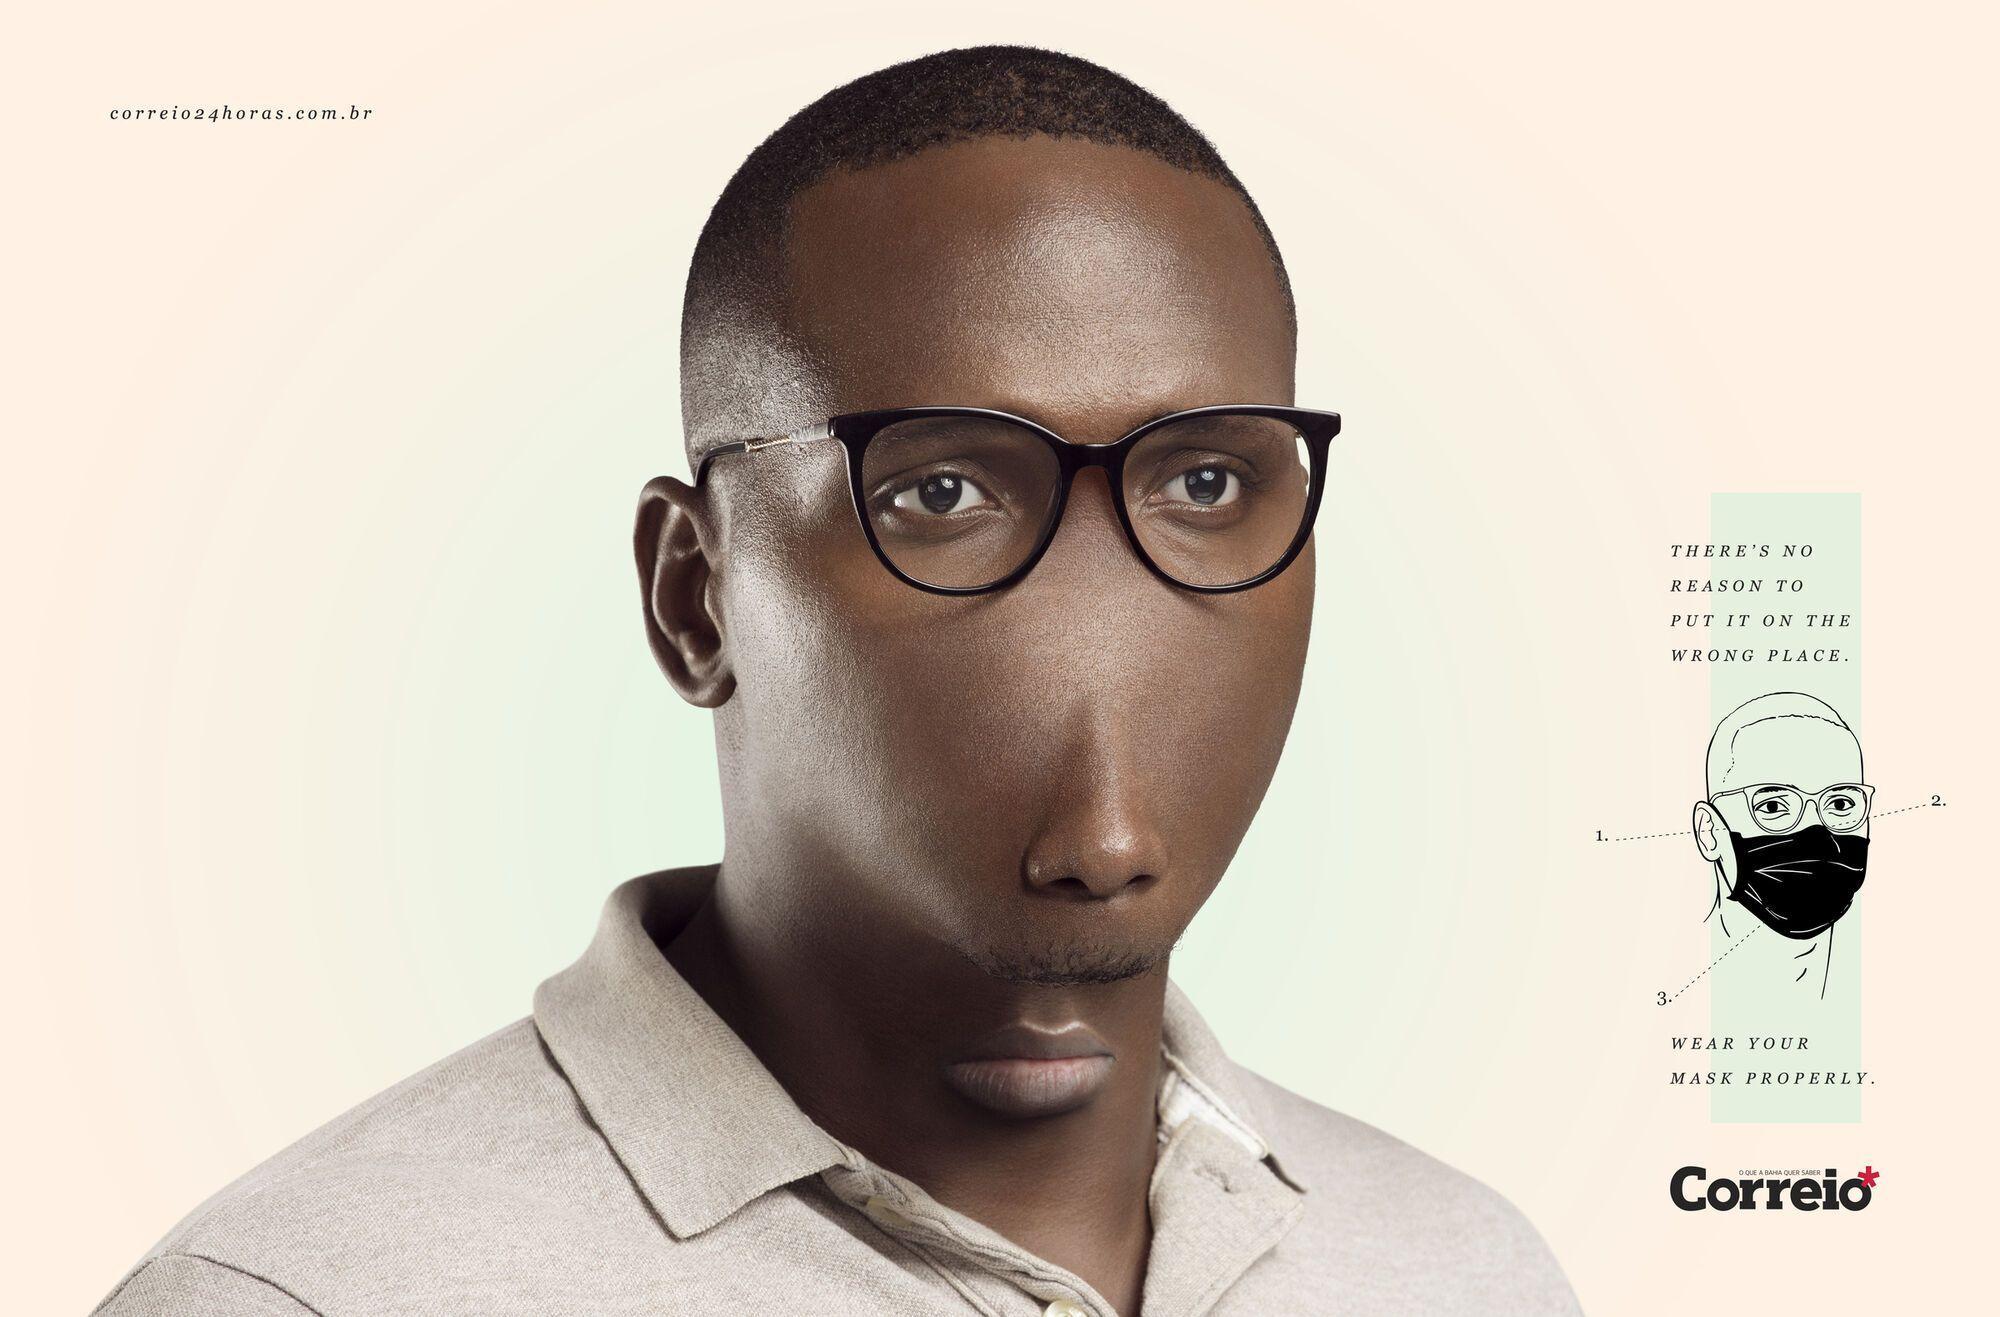 Мужчина, который носит маску на подбородке